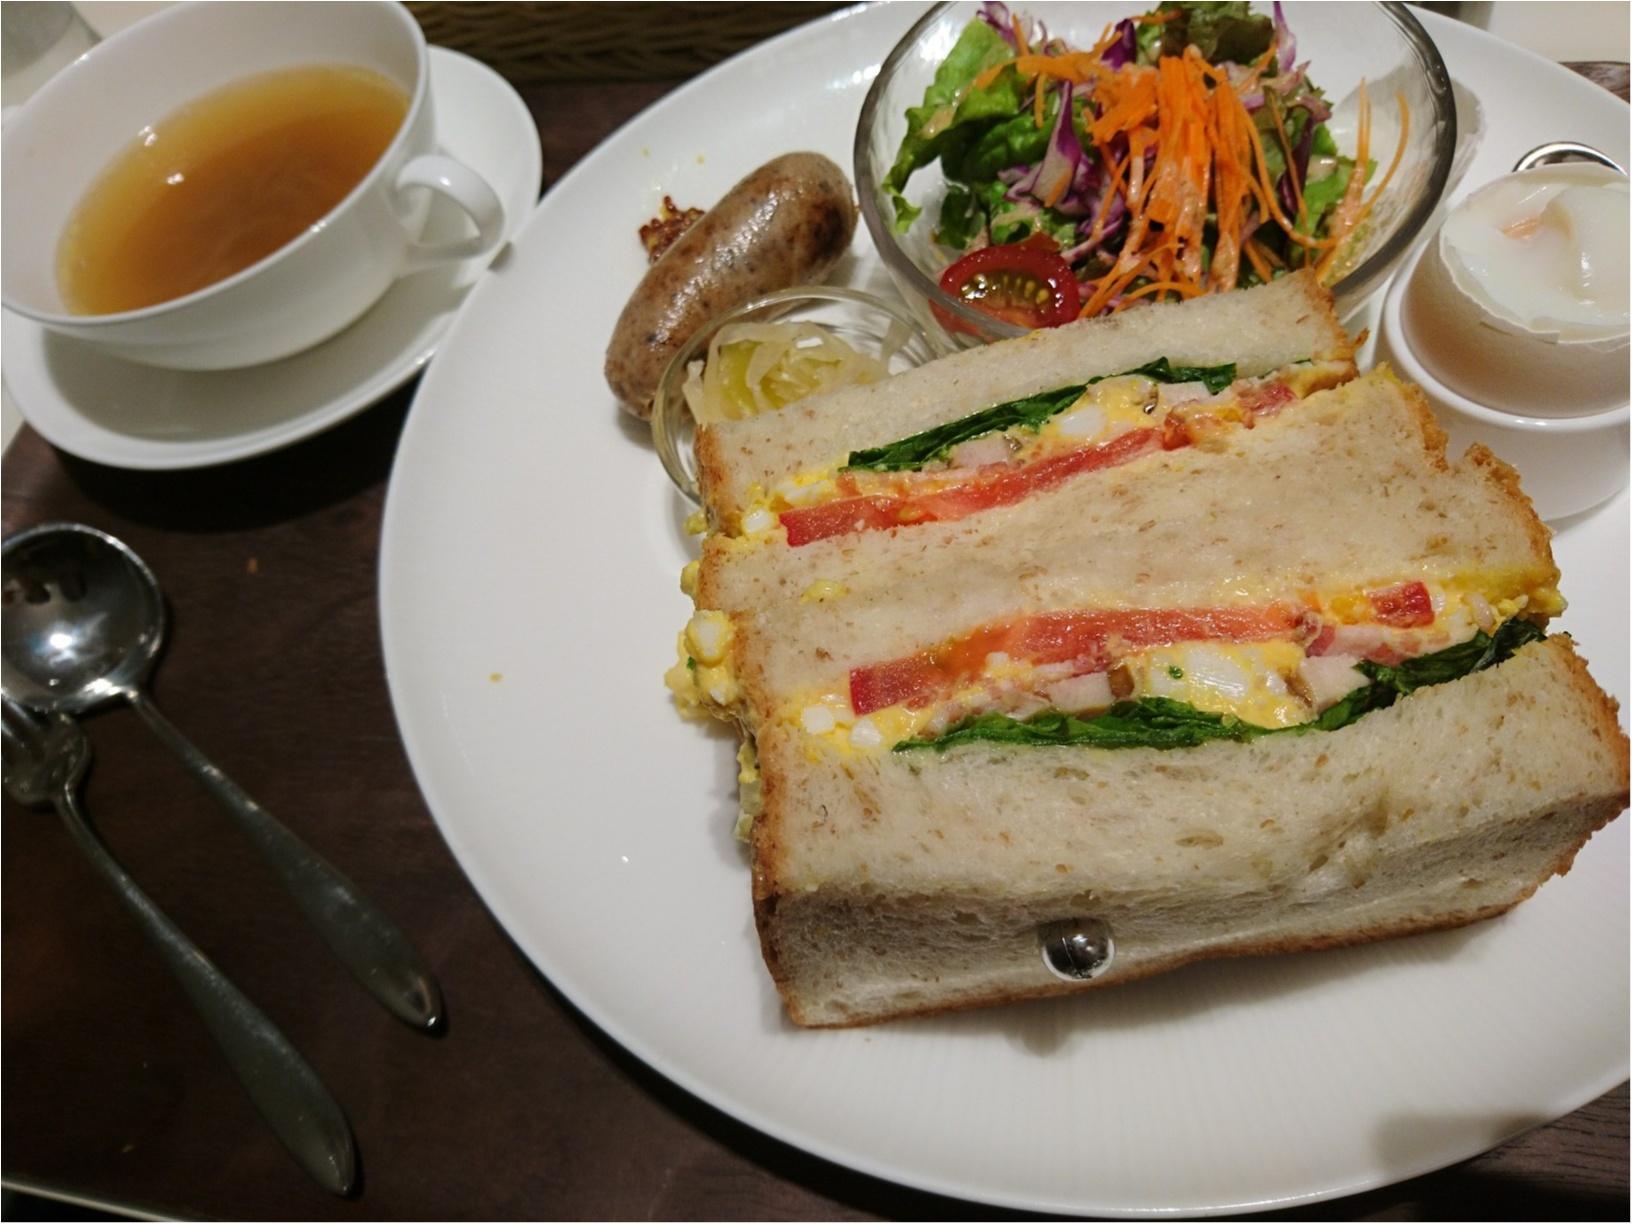 日本一の朝ごはんに選ばれたラ・スイート神戸ホテルのモーニング☆_2